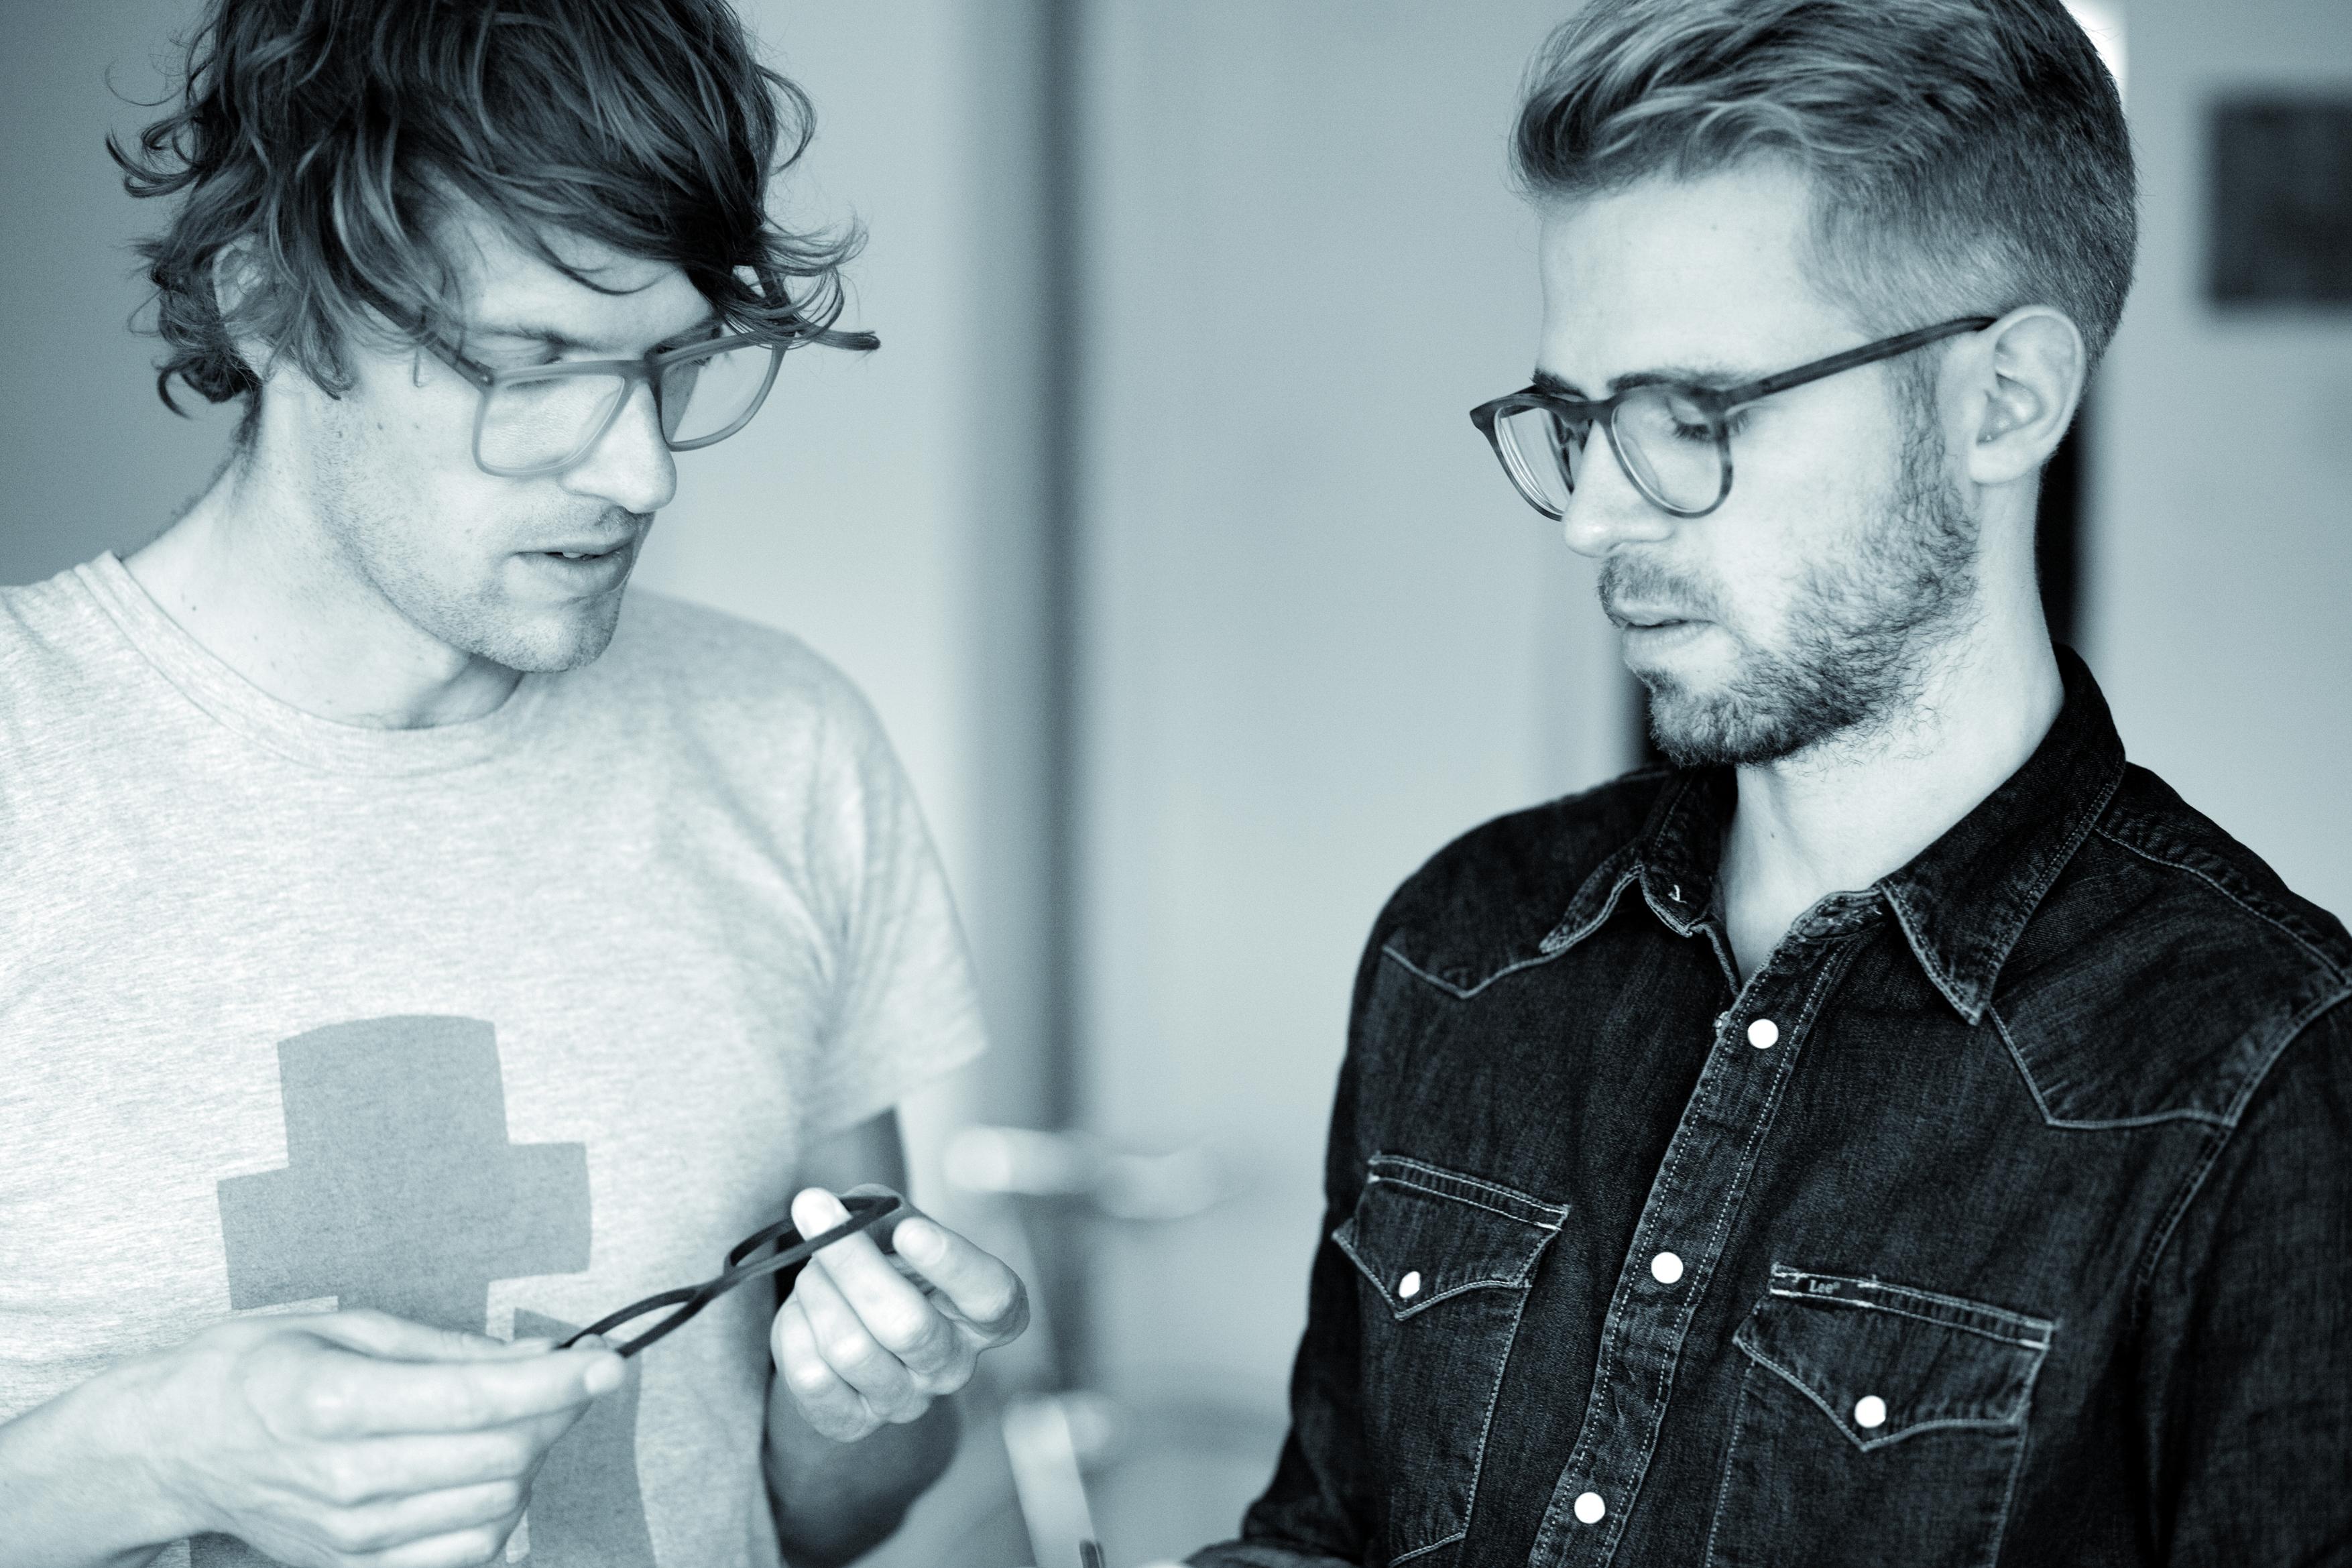 Darf ich vorstellen? OWL OPTICS - Brillen Trends & Themen